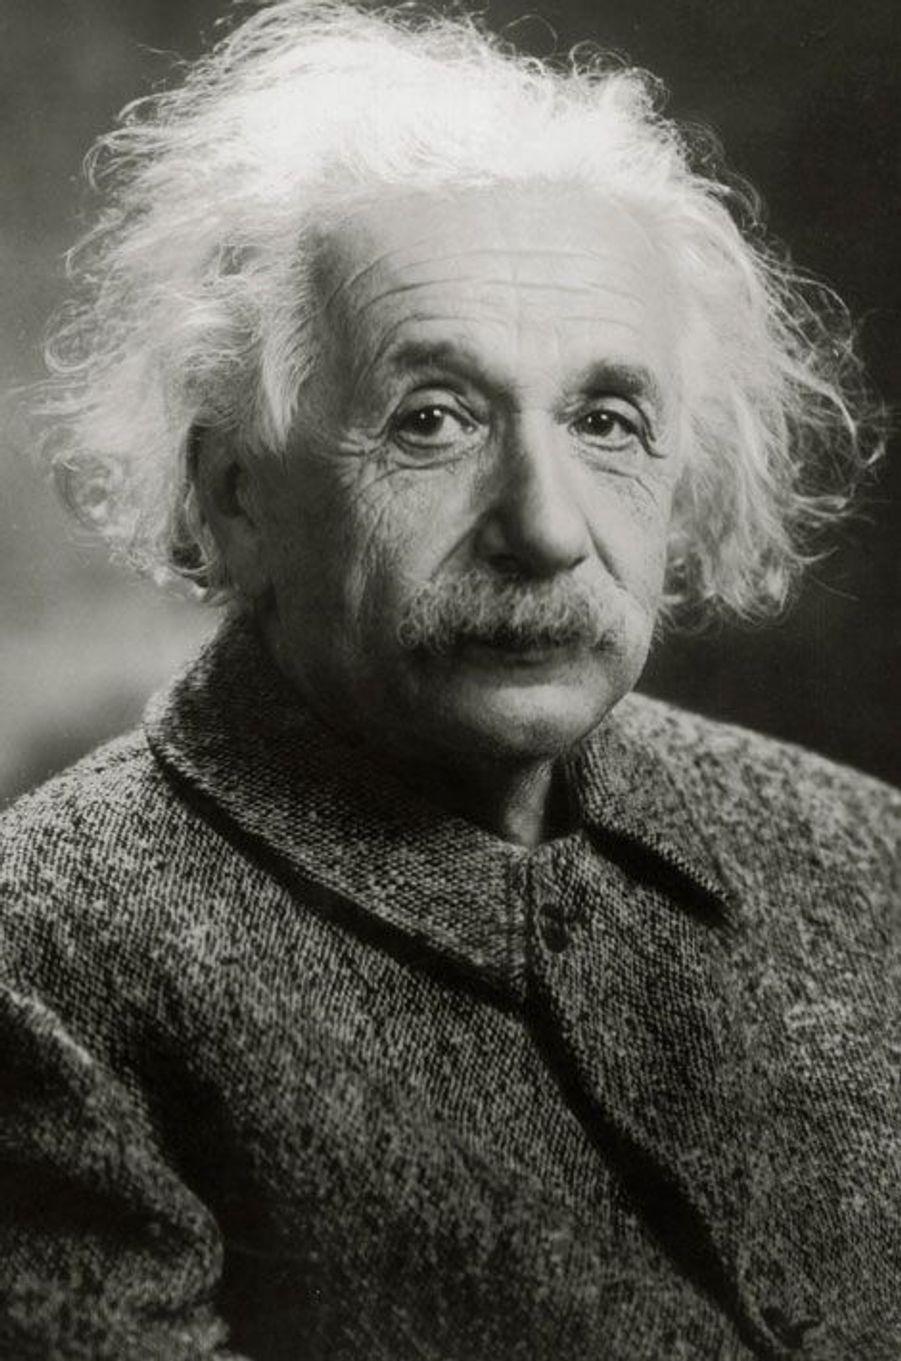 8- Albert Einstein 11 millions de dollars